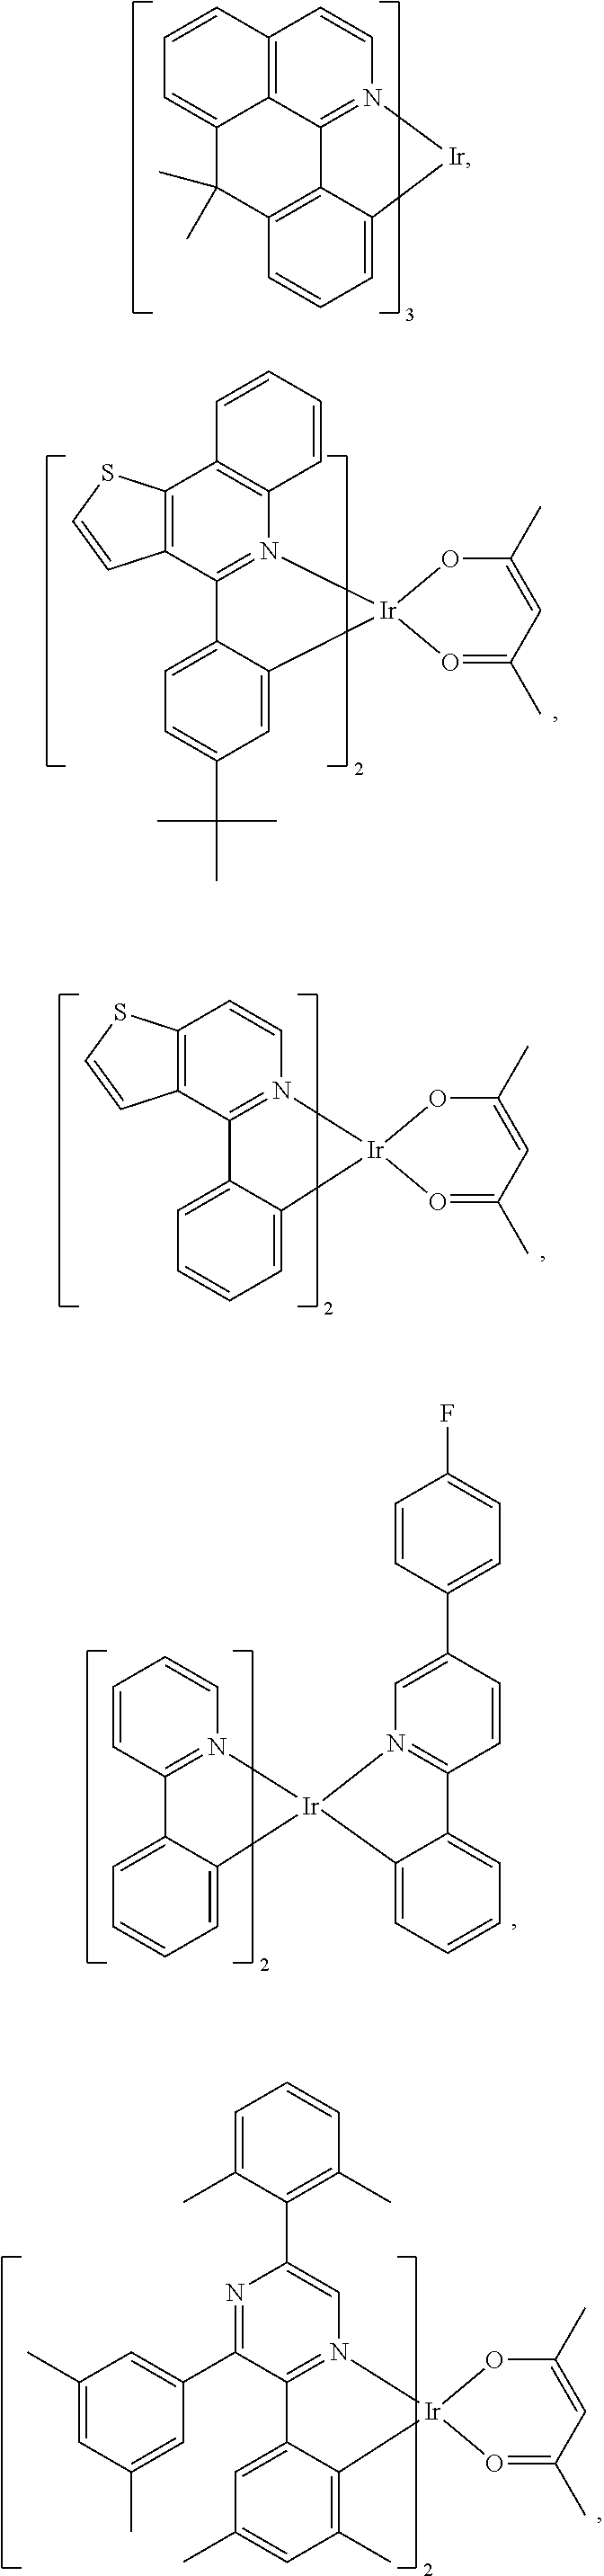 Figure US20190161504A1-20190530-C00073